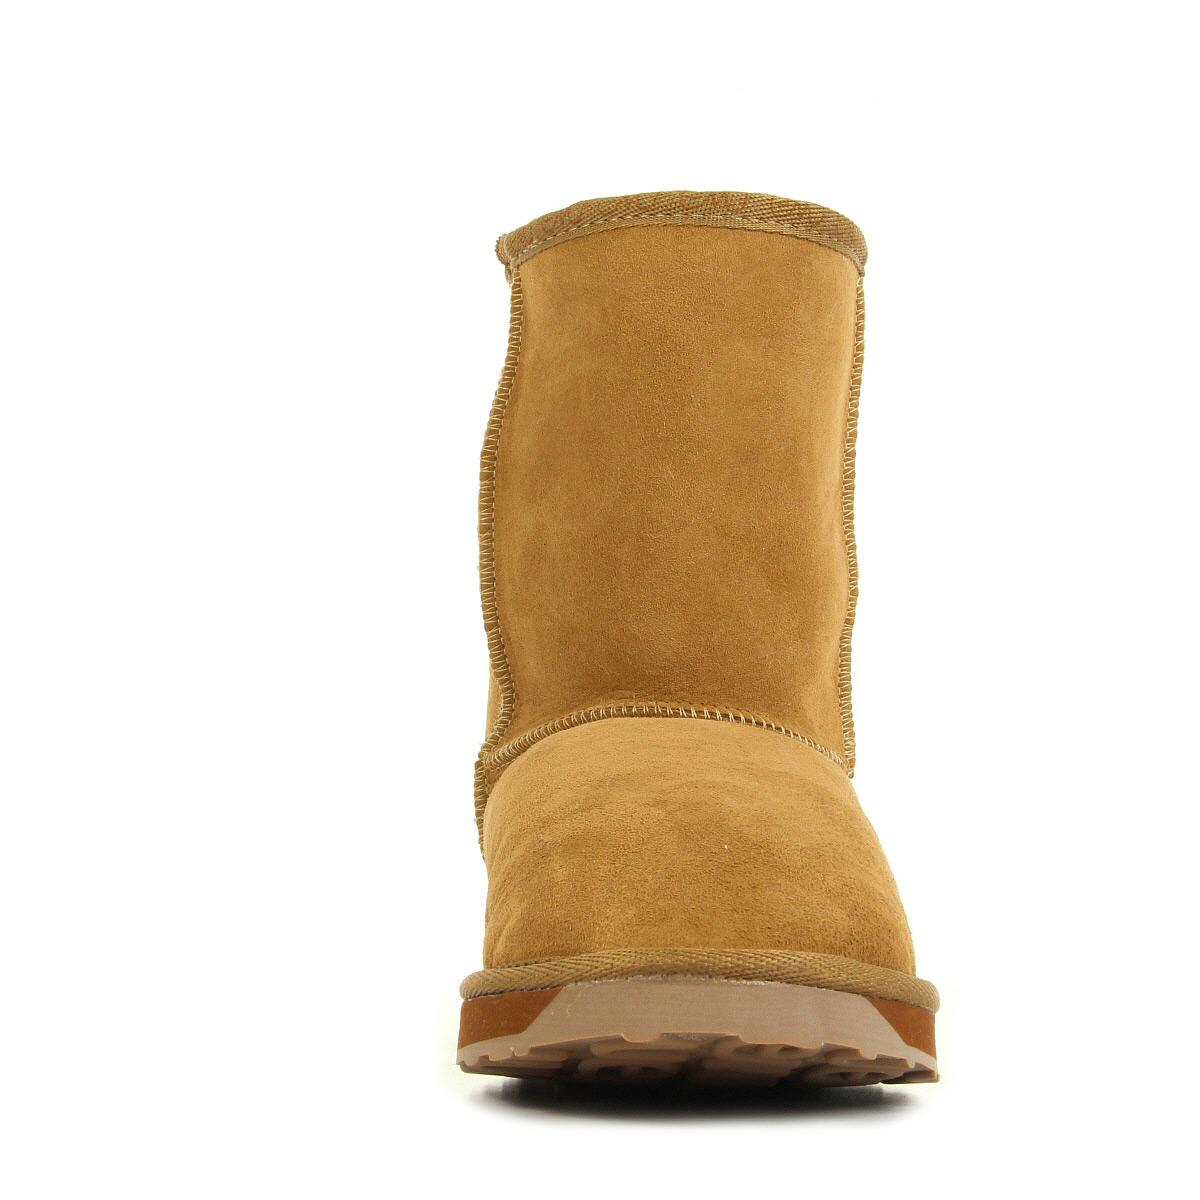 EMU Australia Platinum Stinger Lo Chataigne WP10002CHEST, Boots femme